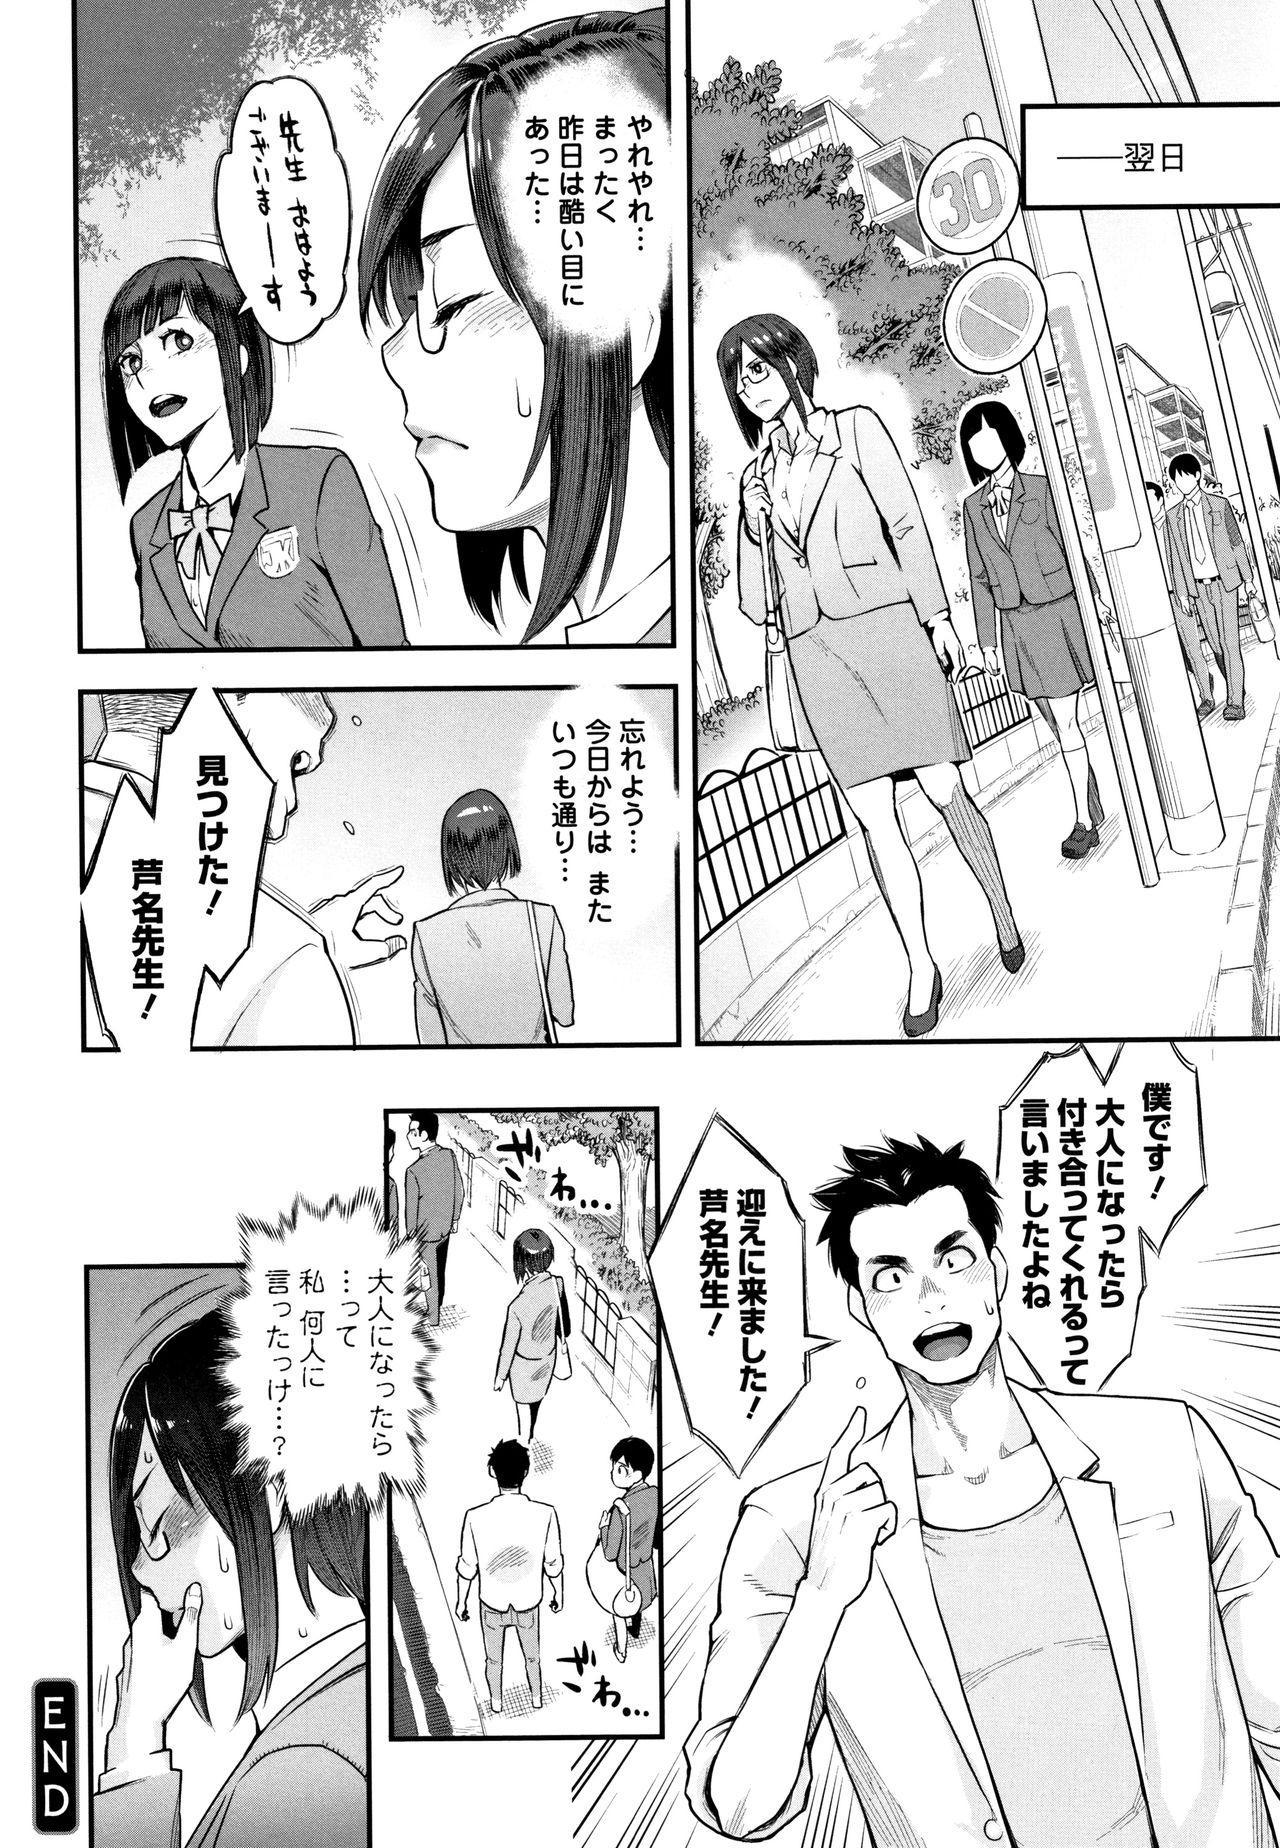 Toketa Risei wa Biyaku no Kaori 136